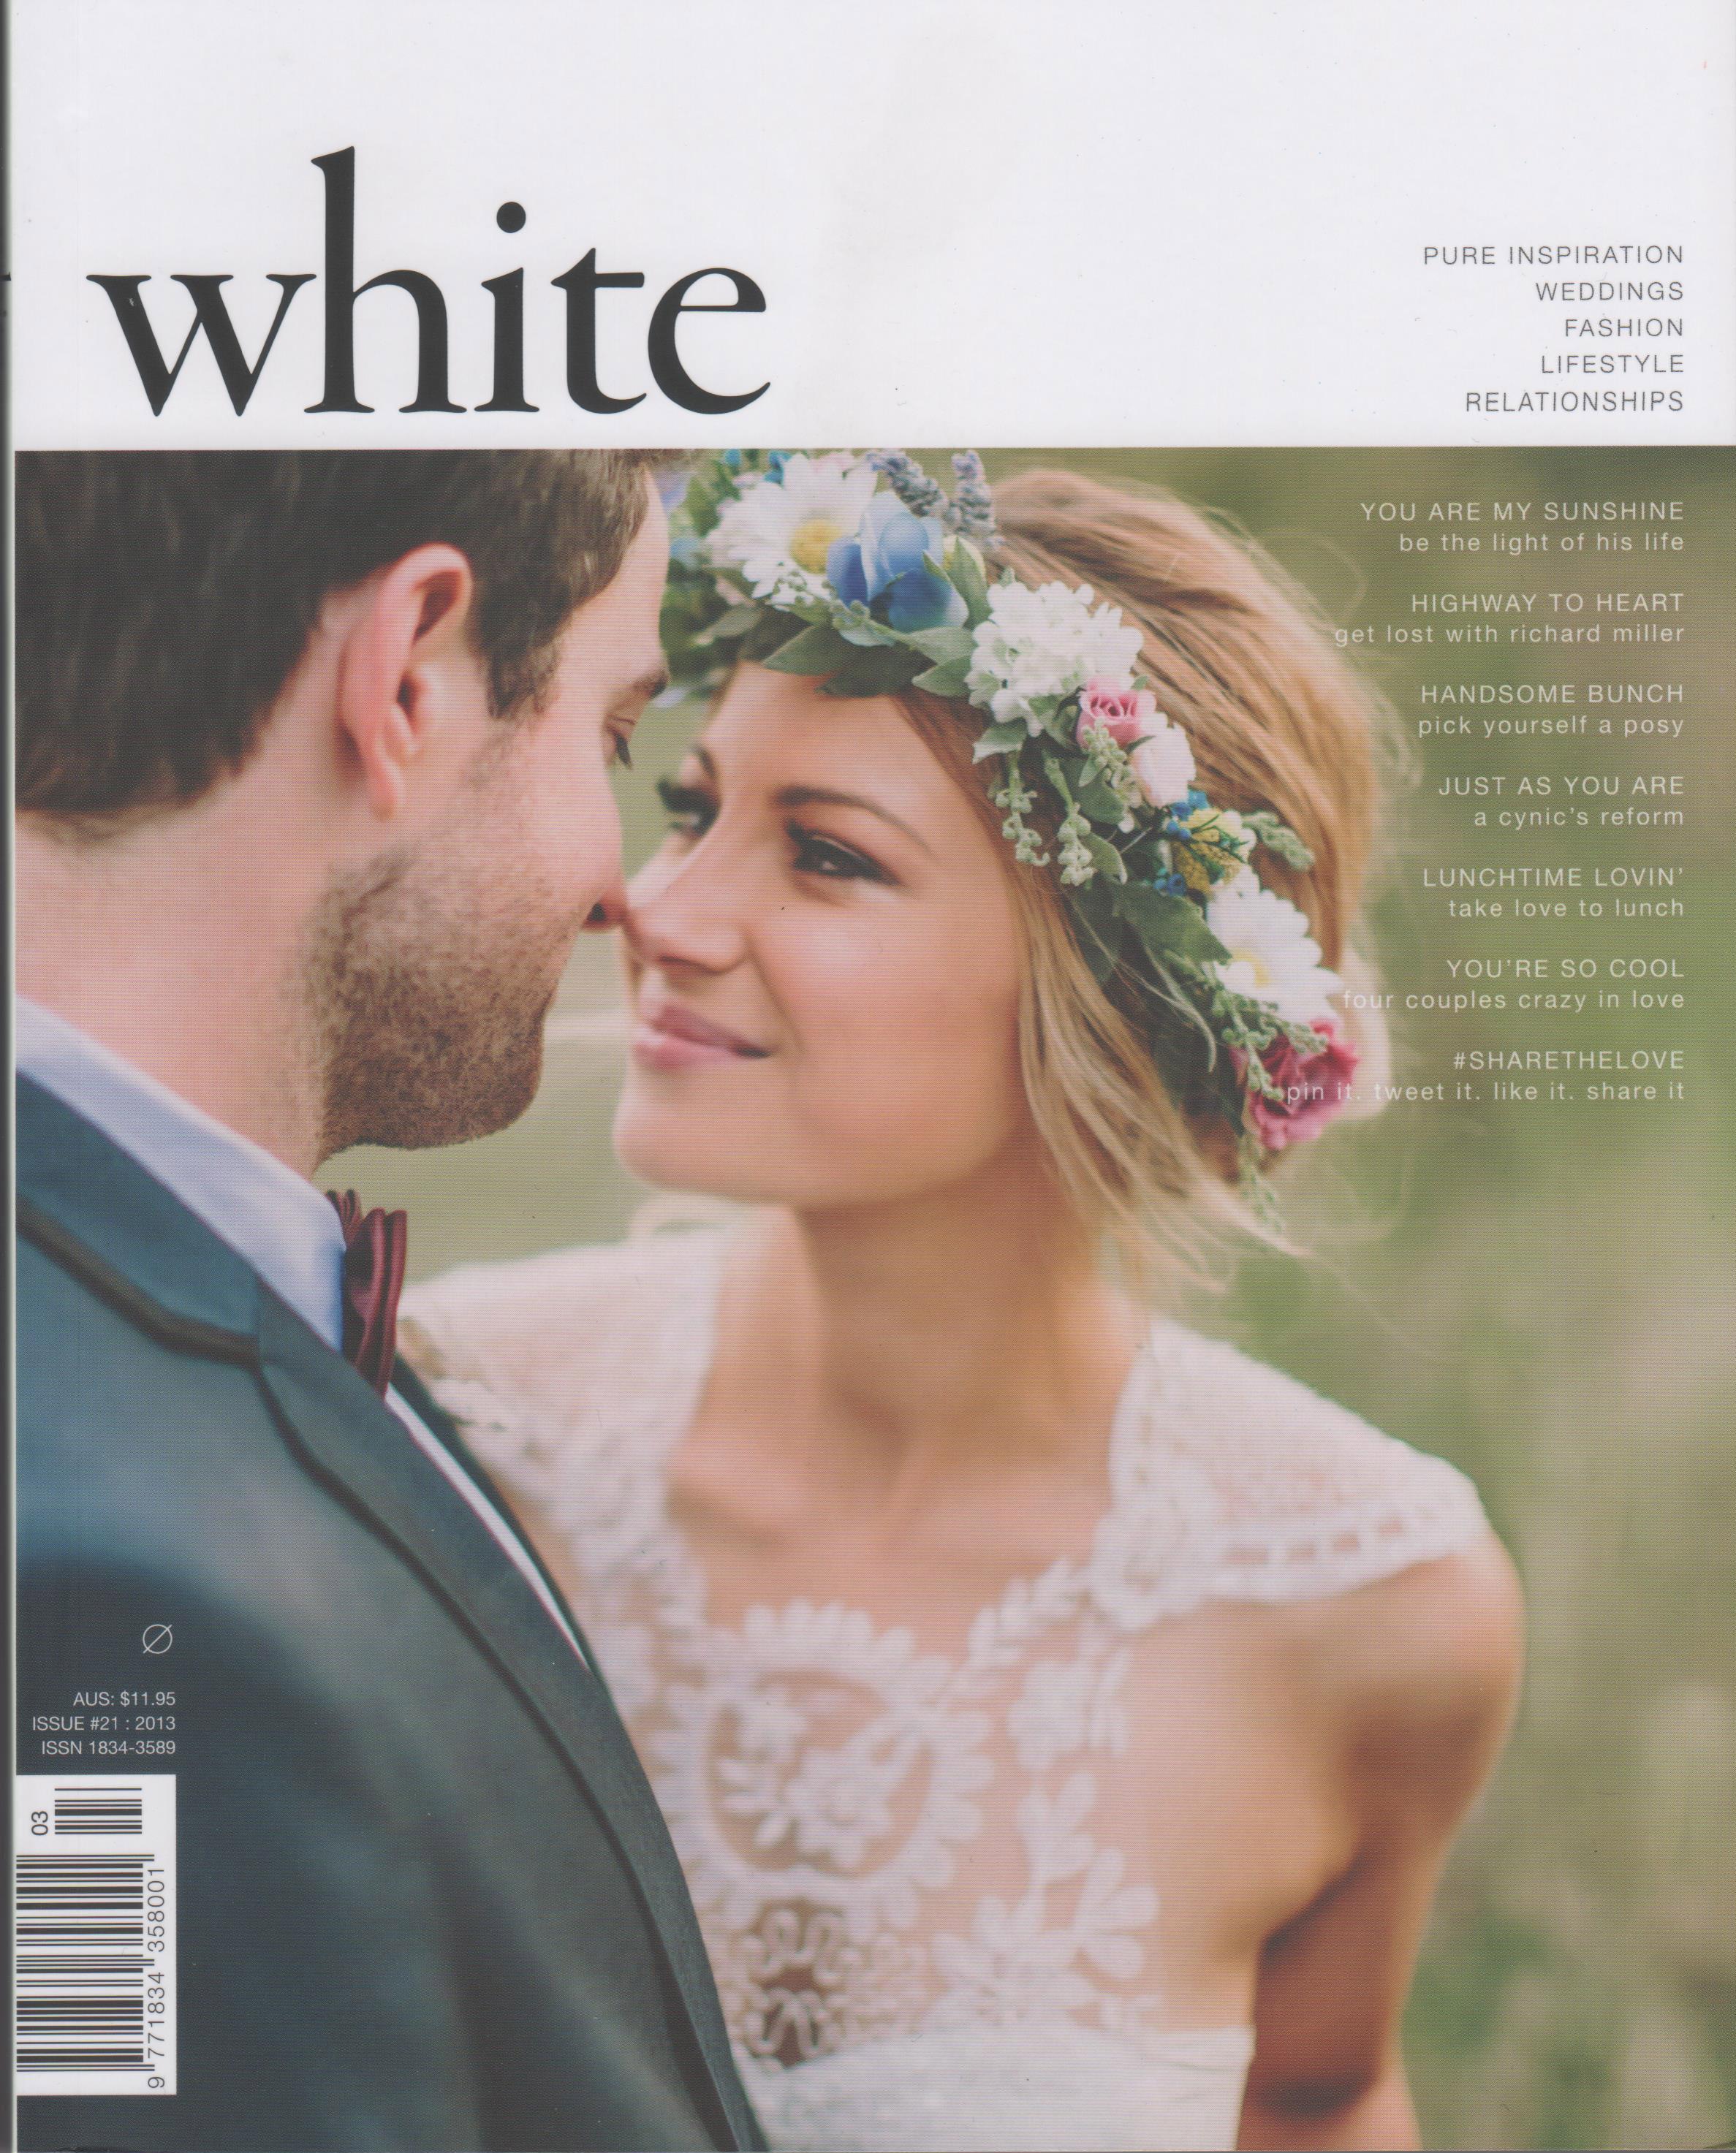 white issue 21.jpg